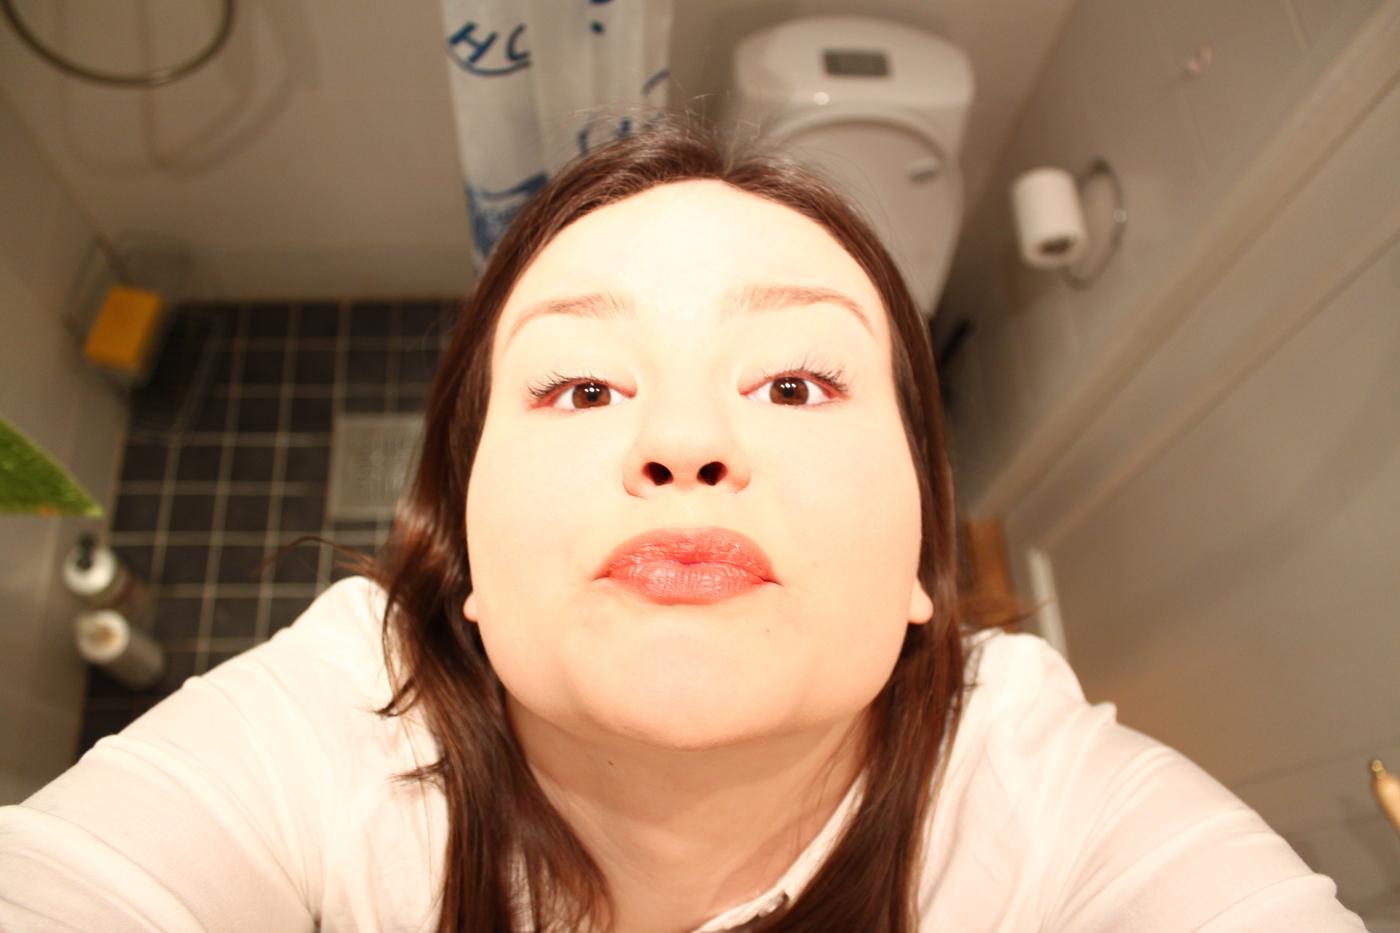 wc-selfie.JPG